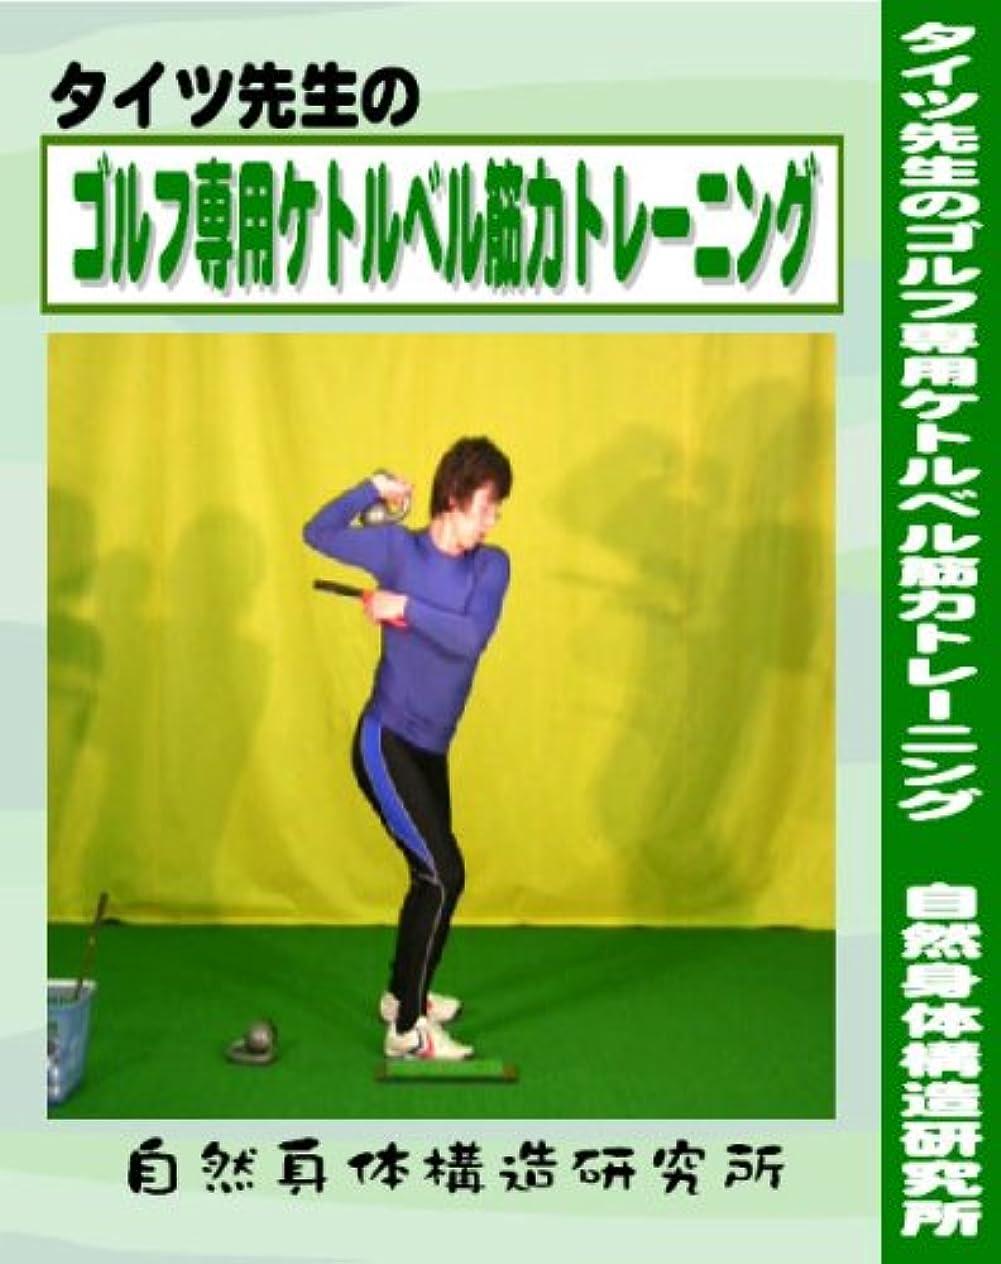 マーティフィールディング章初期のゴルフ専用ケトルベル筋力トレーニング(DVDとケトルベル4kg2個のセット)